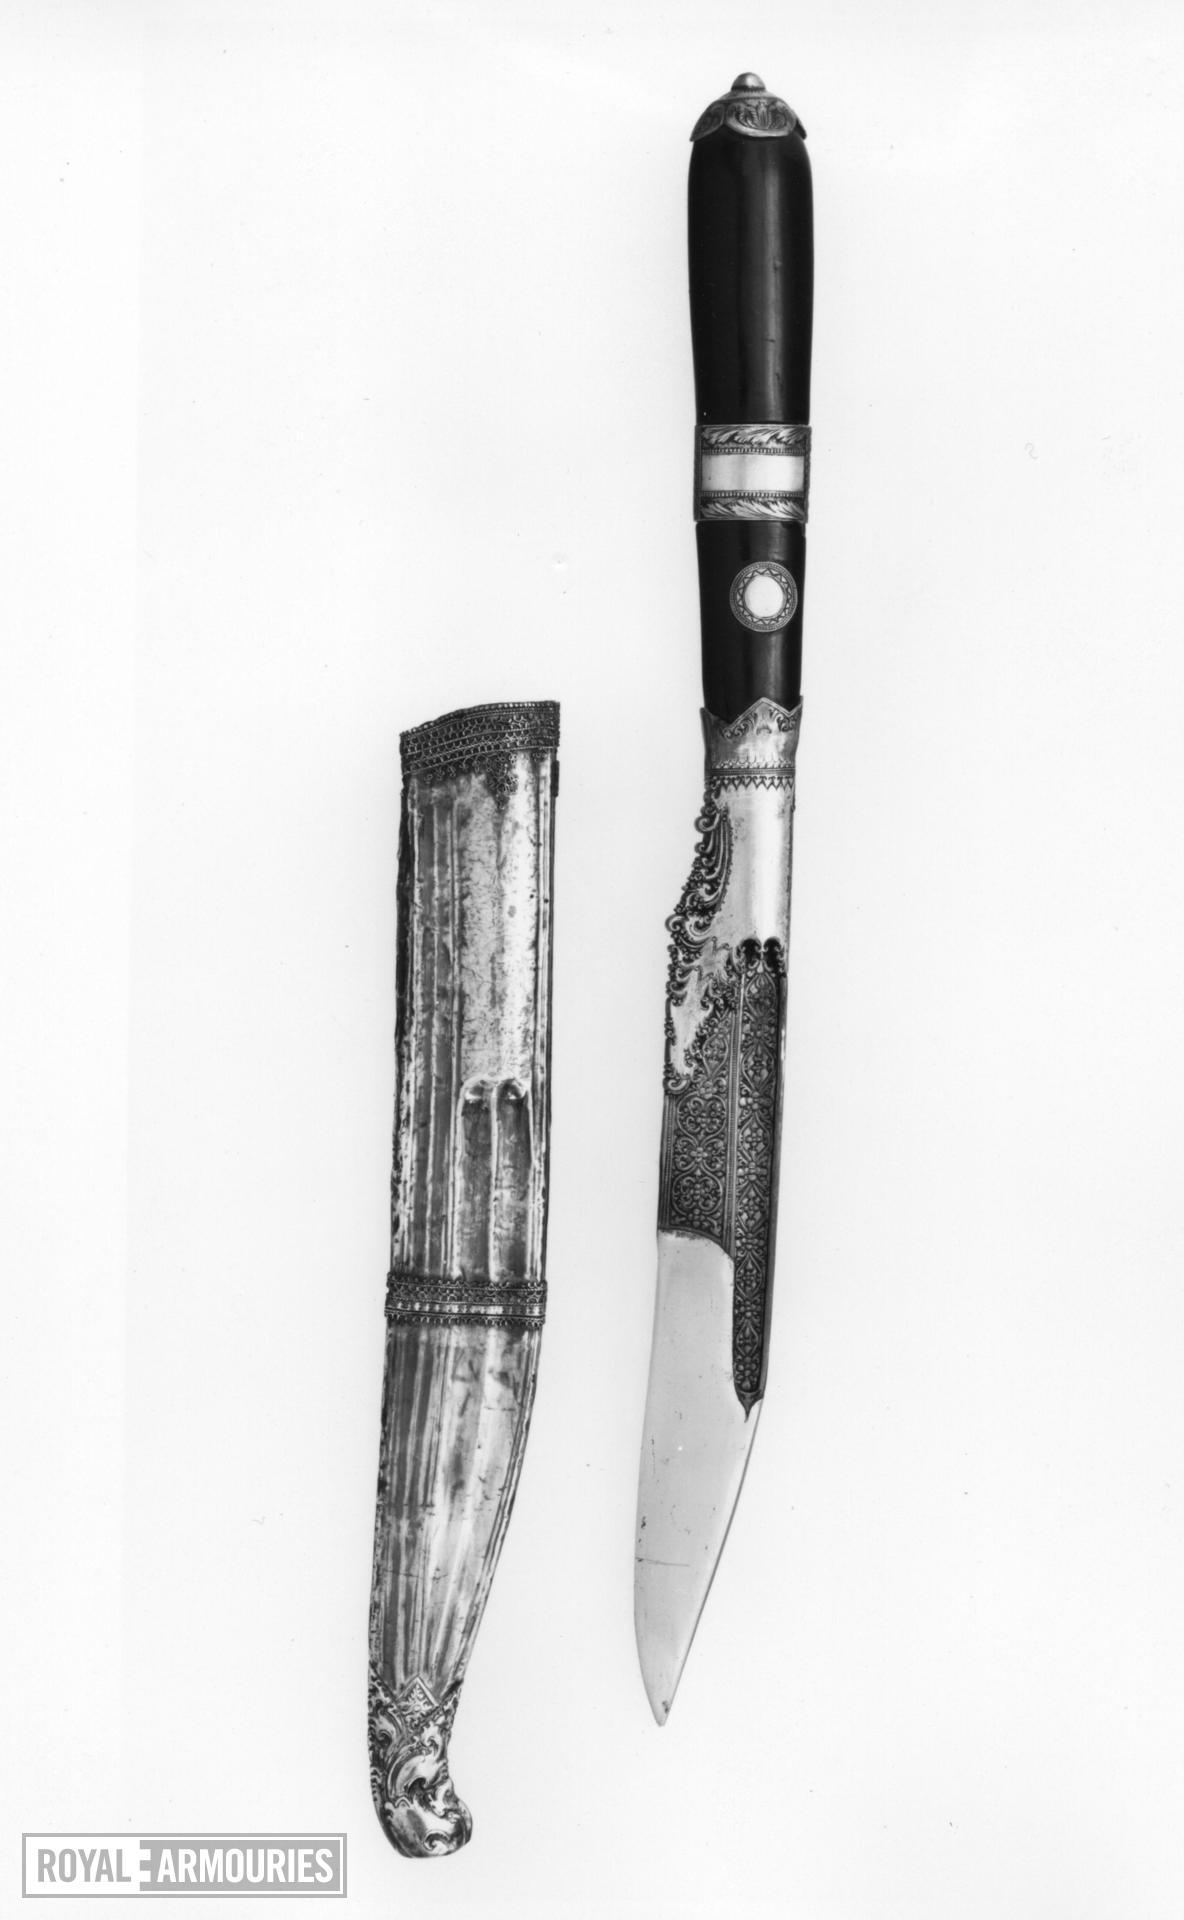 Dagger (piha kaetta) and scabbard